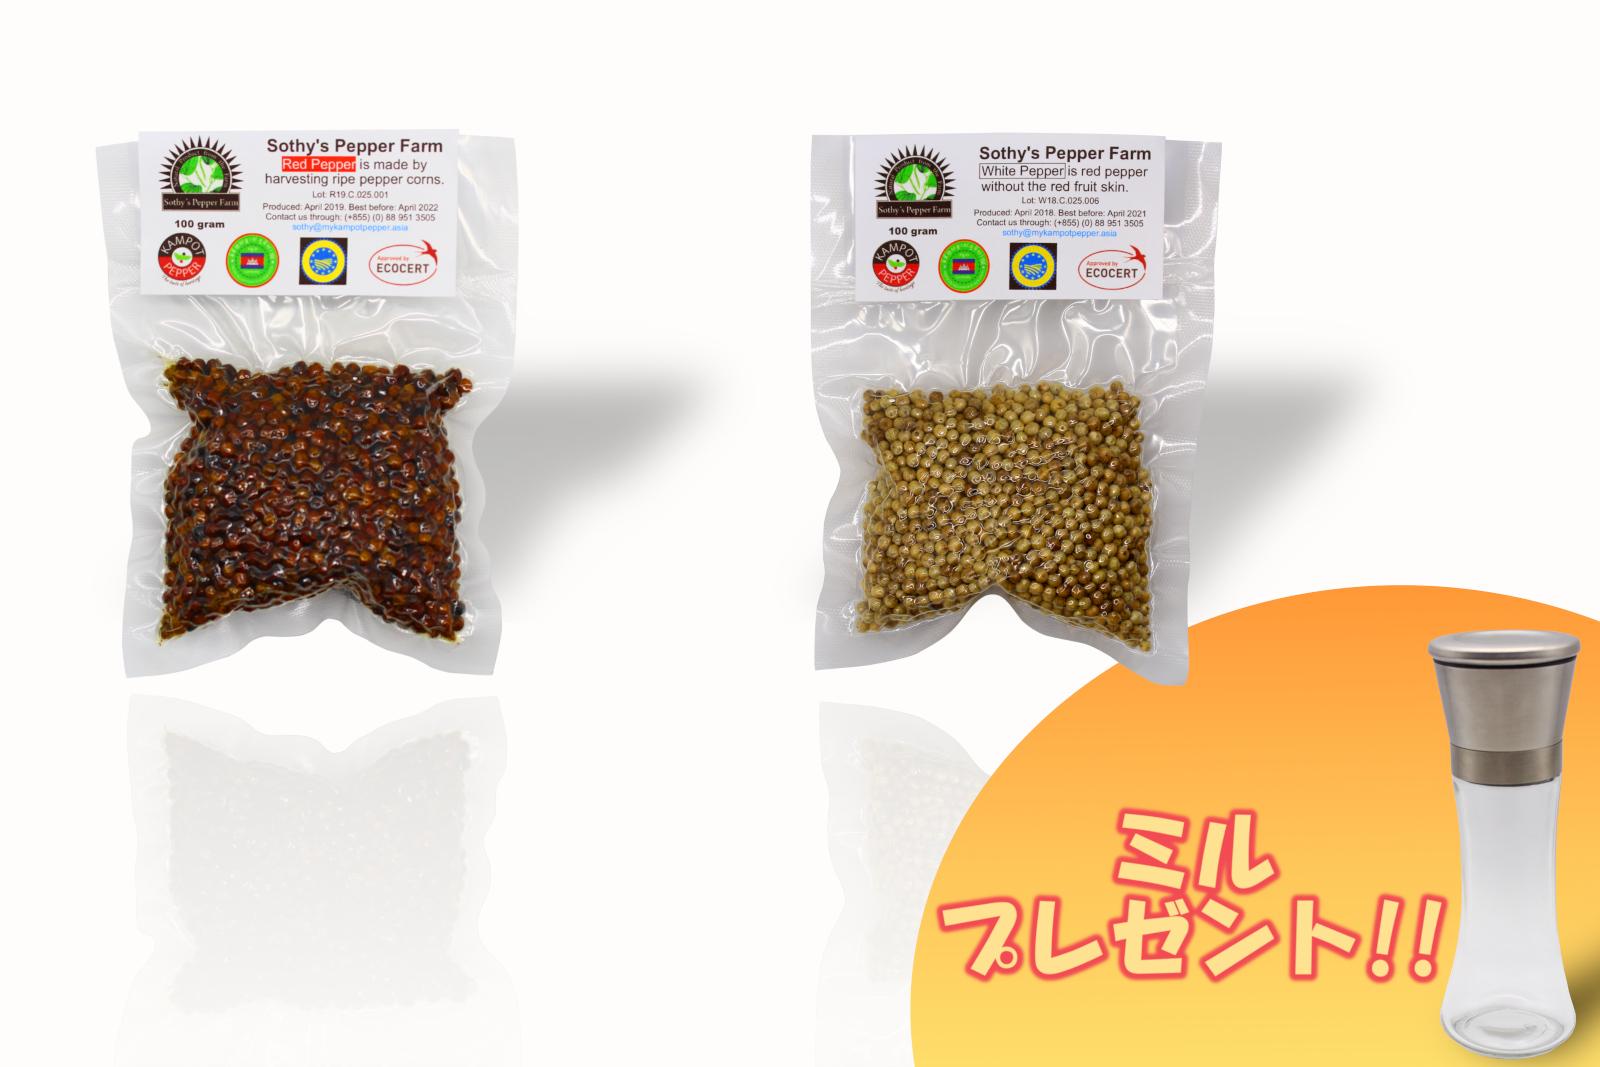 カンポットペッパー 無料ミル付き お買い得セット 白胡椒 赤胡椒 100g